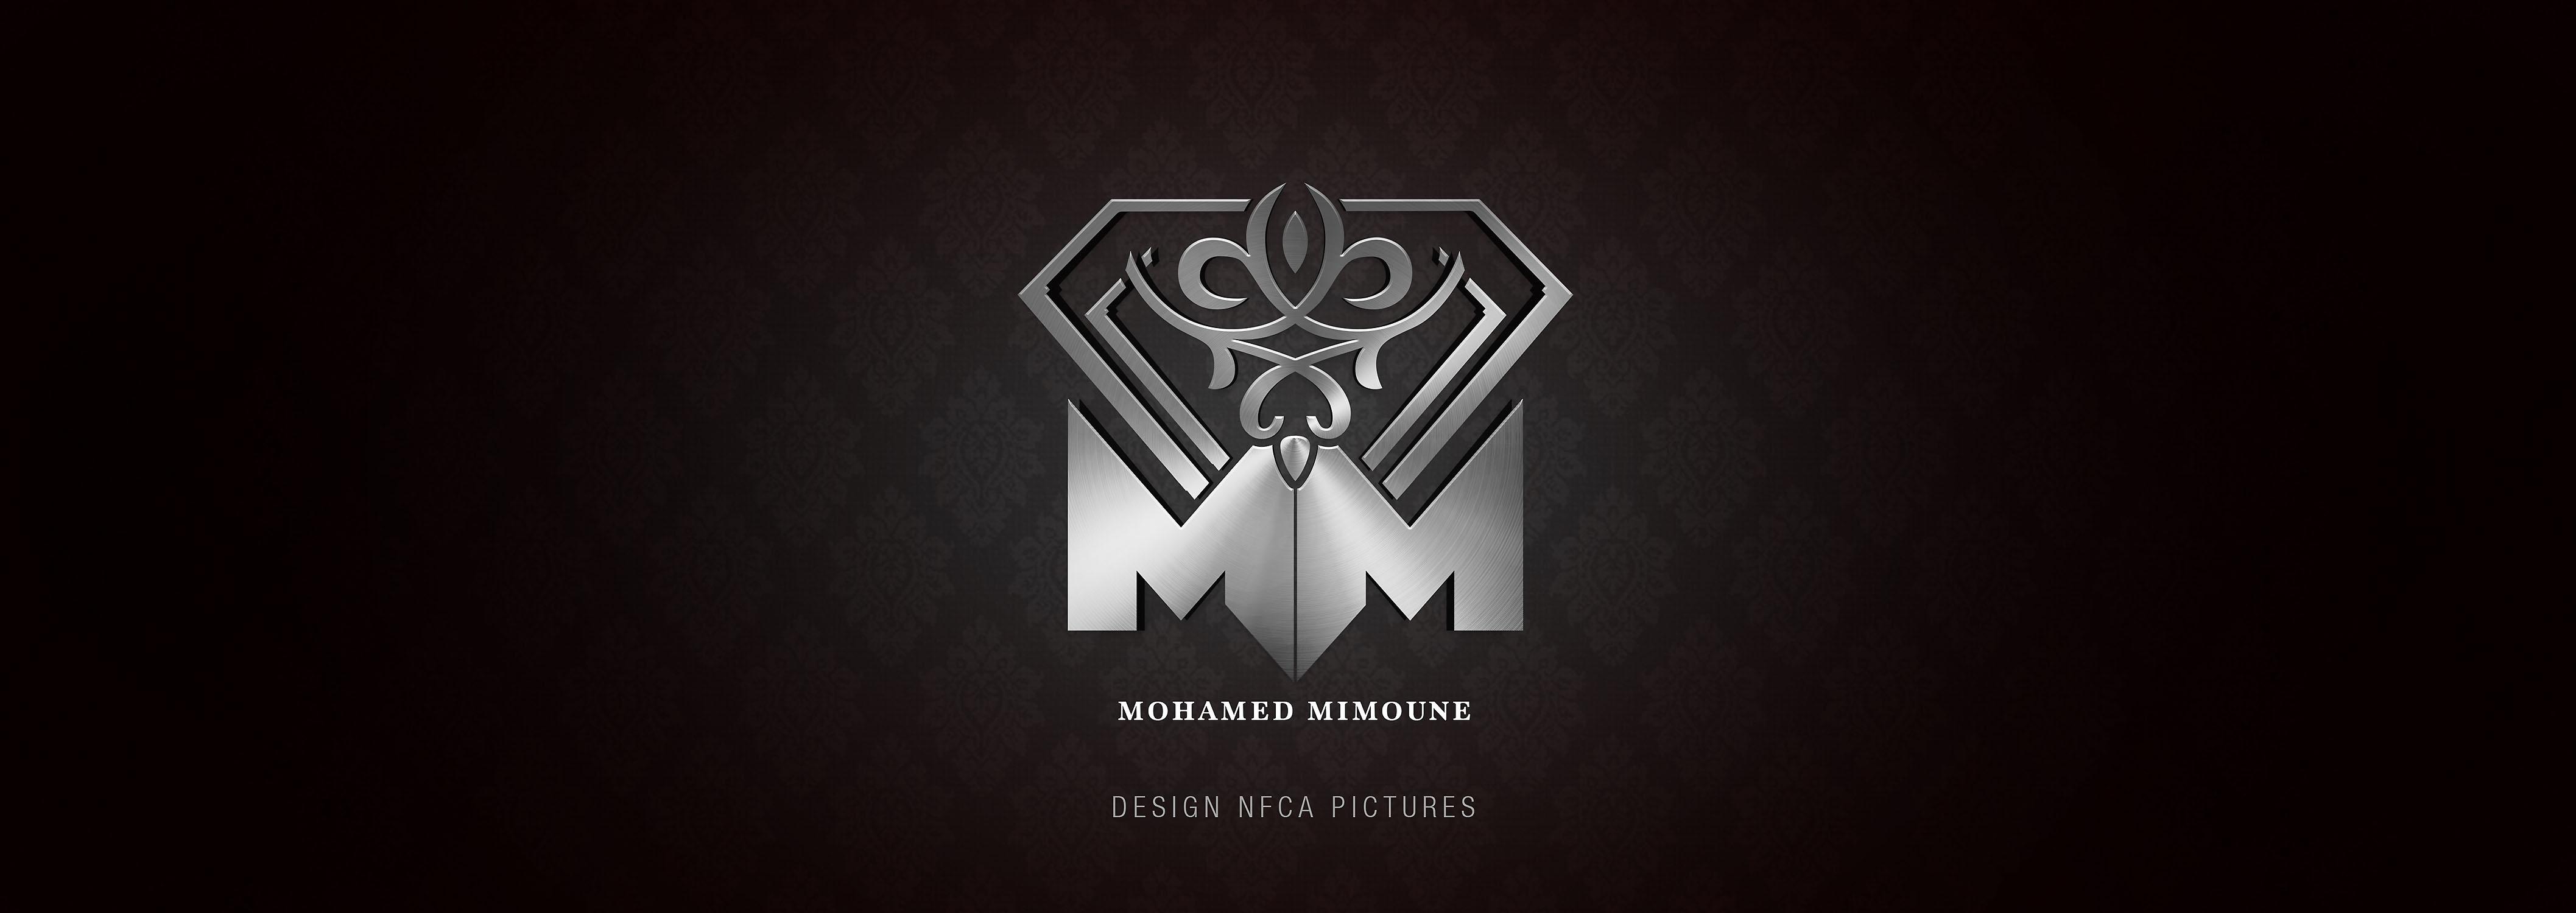 Mohamed Mimoune